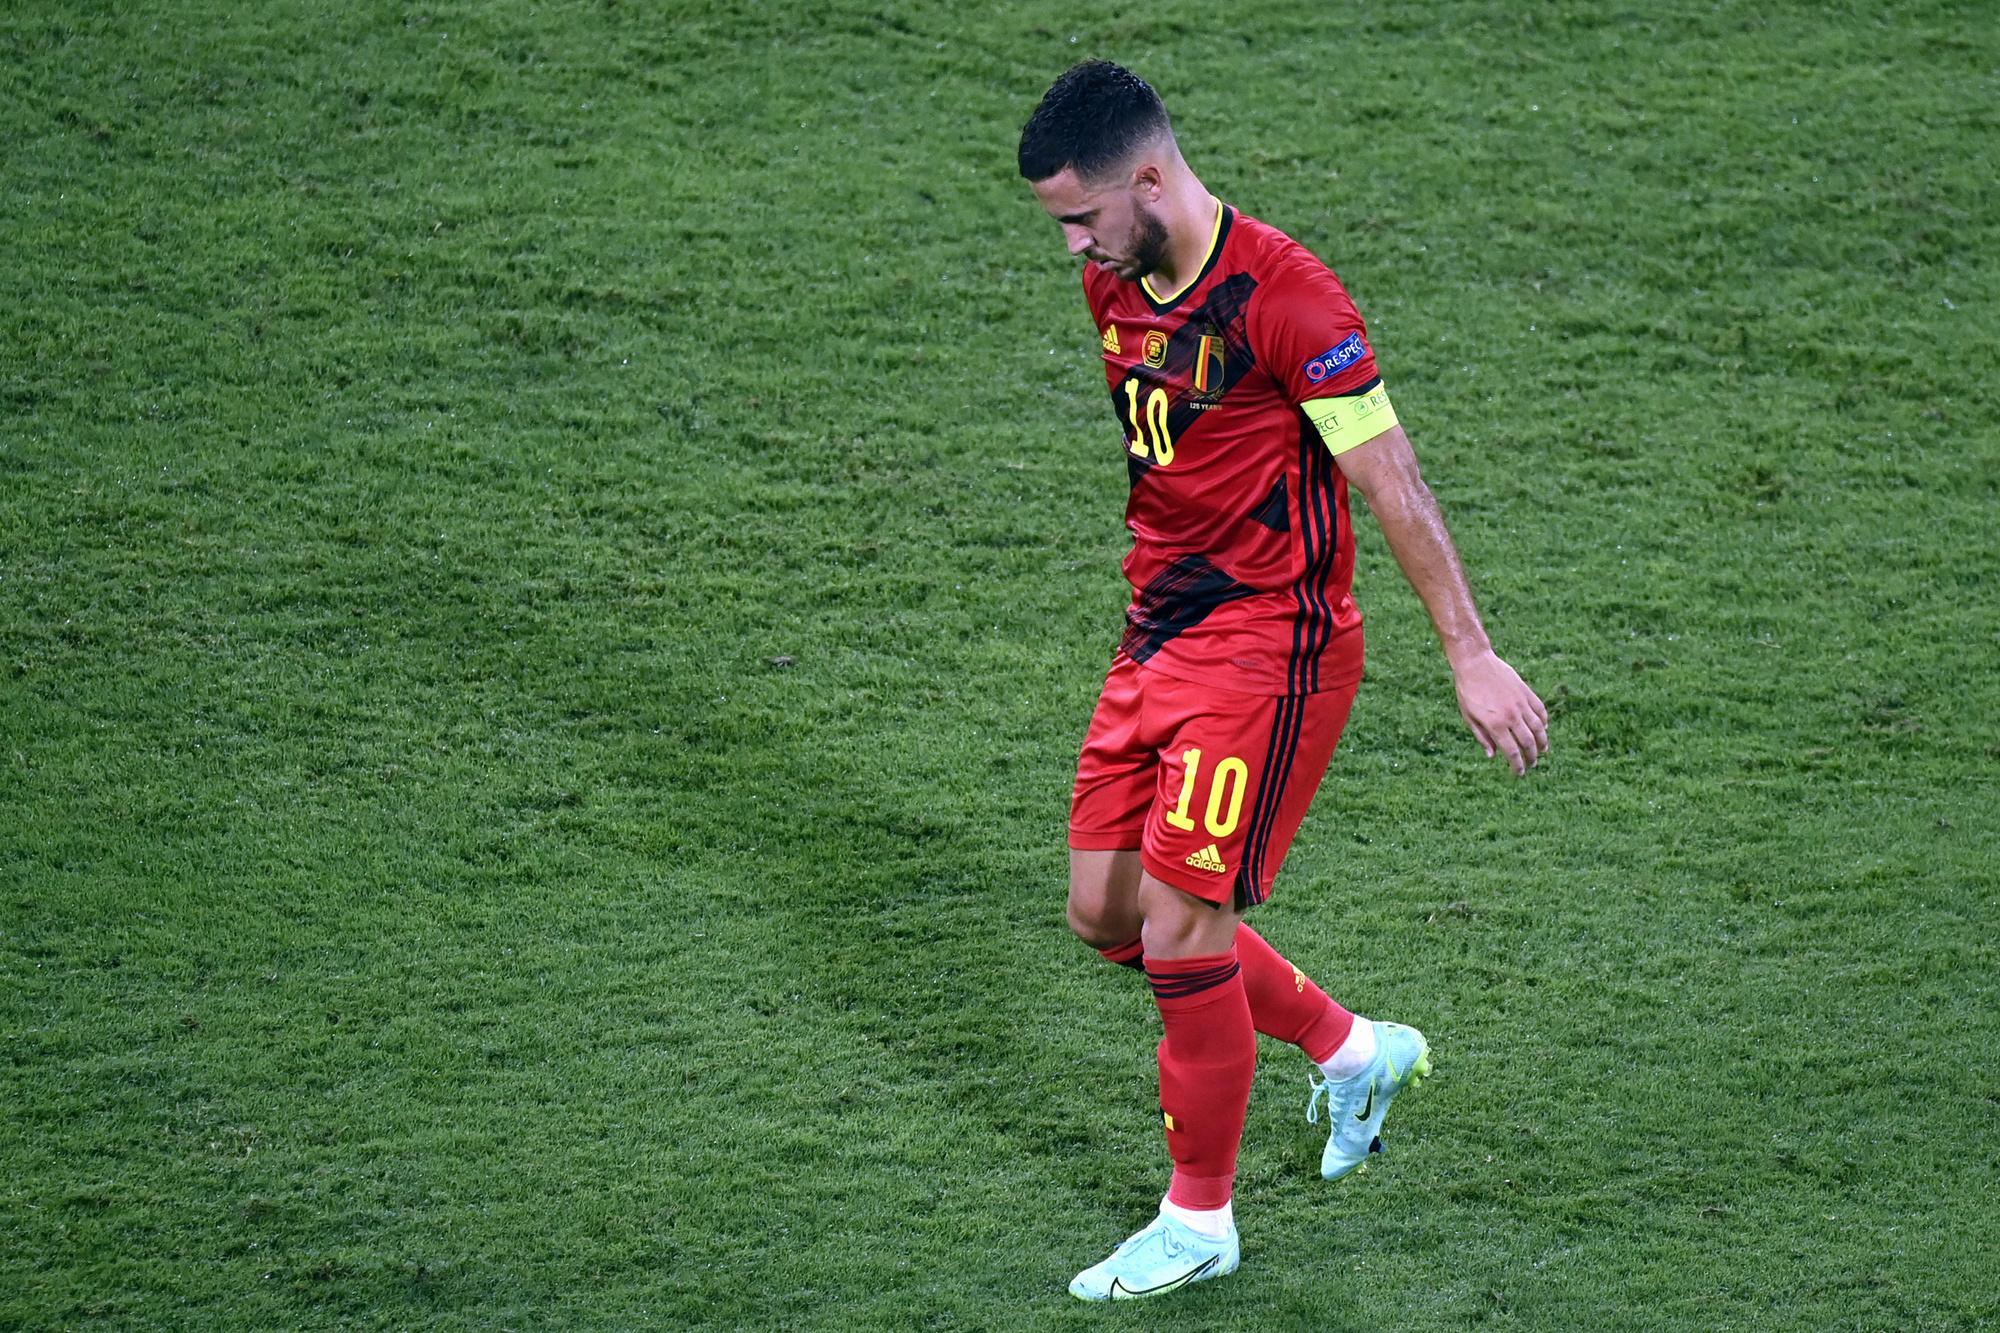 Eden Hazard was een van de vier Belgen die zich op het EK blesseerden., Belga Image